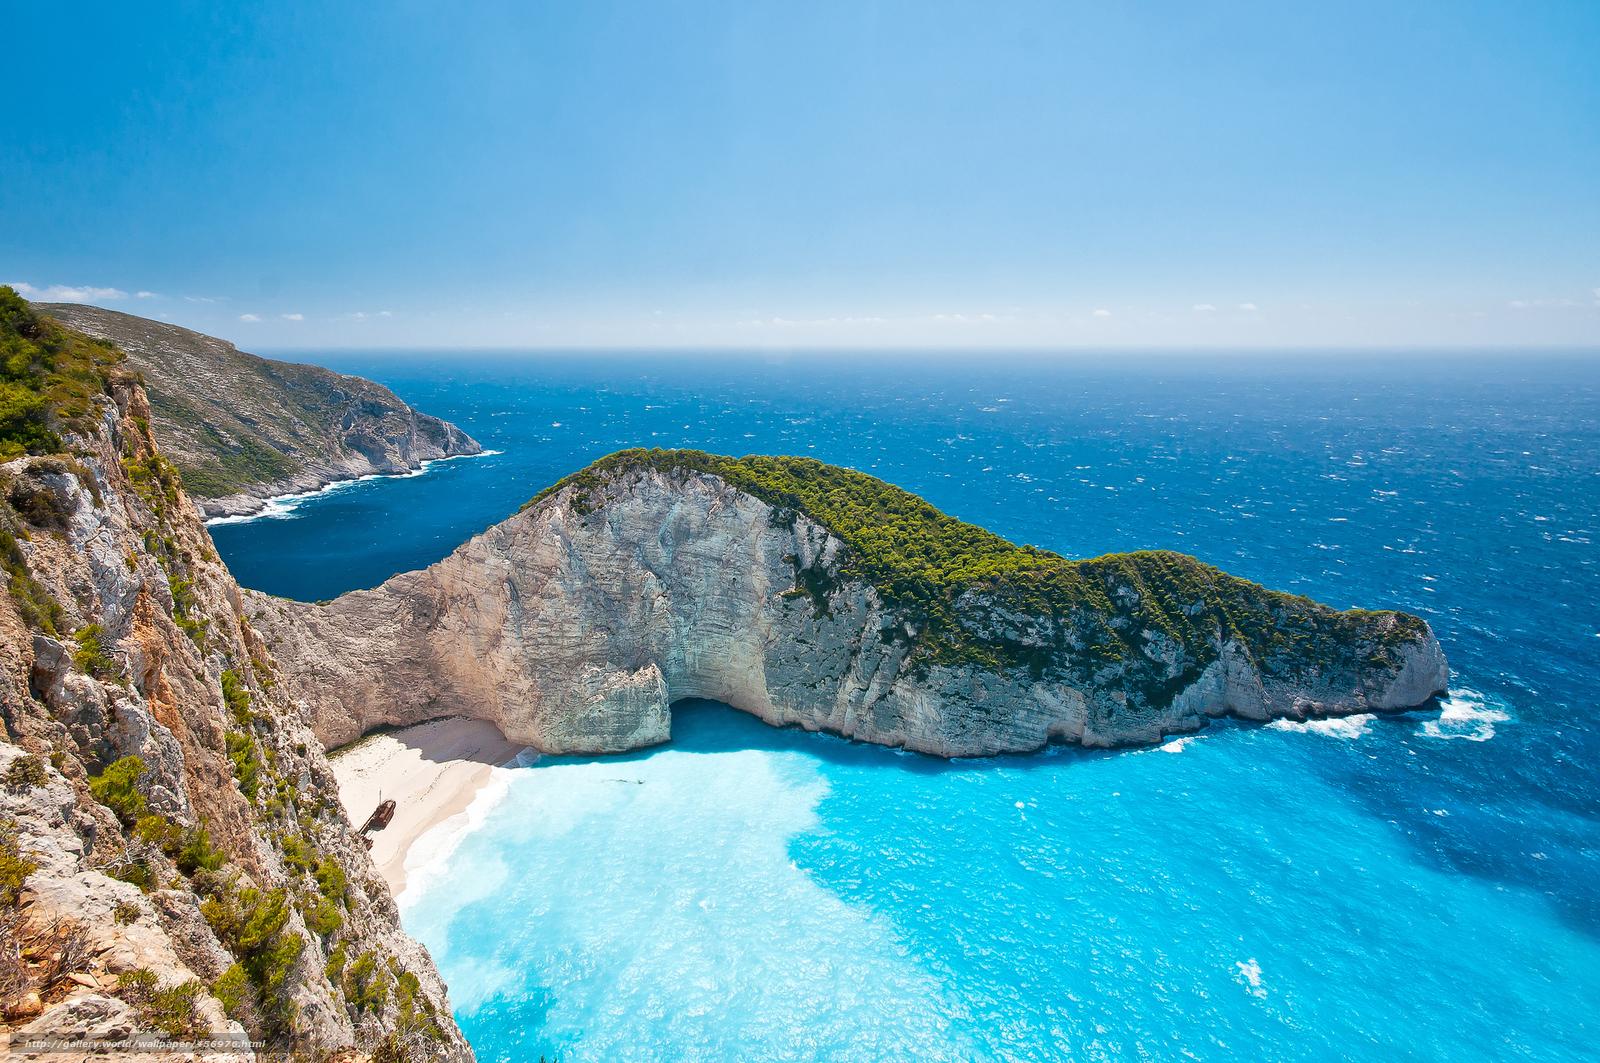 Scaricare Gli Sfondi Grecia Isole Ionie Mare Estate Sfondi Gratis